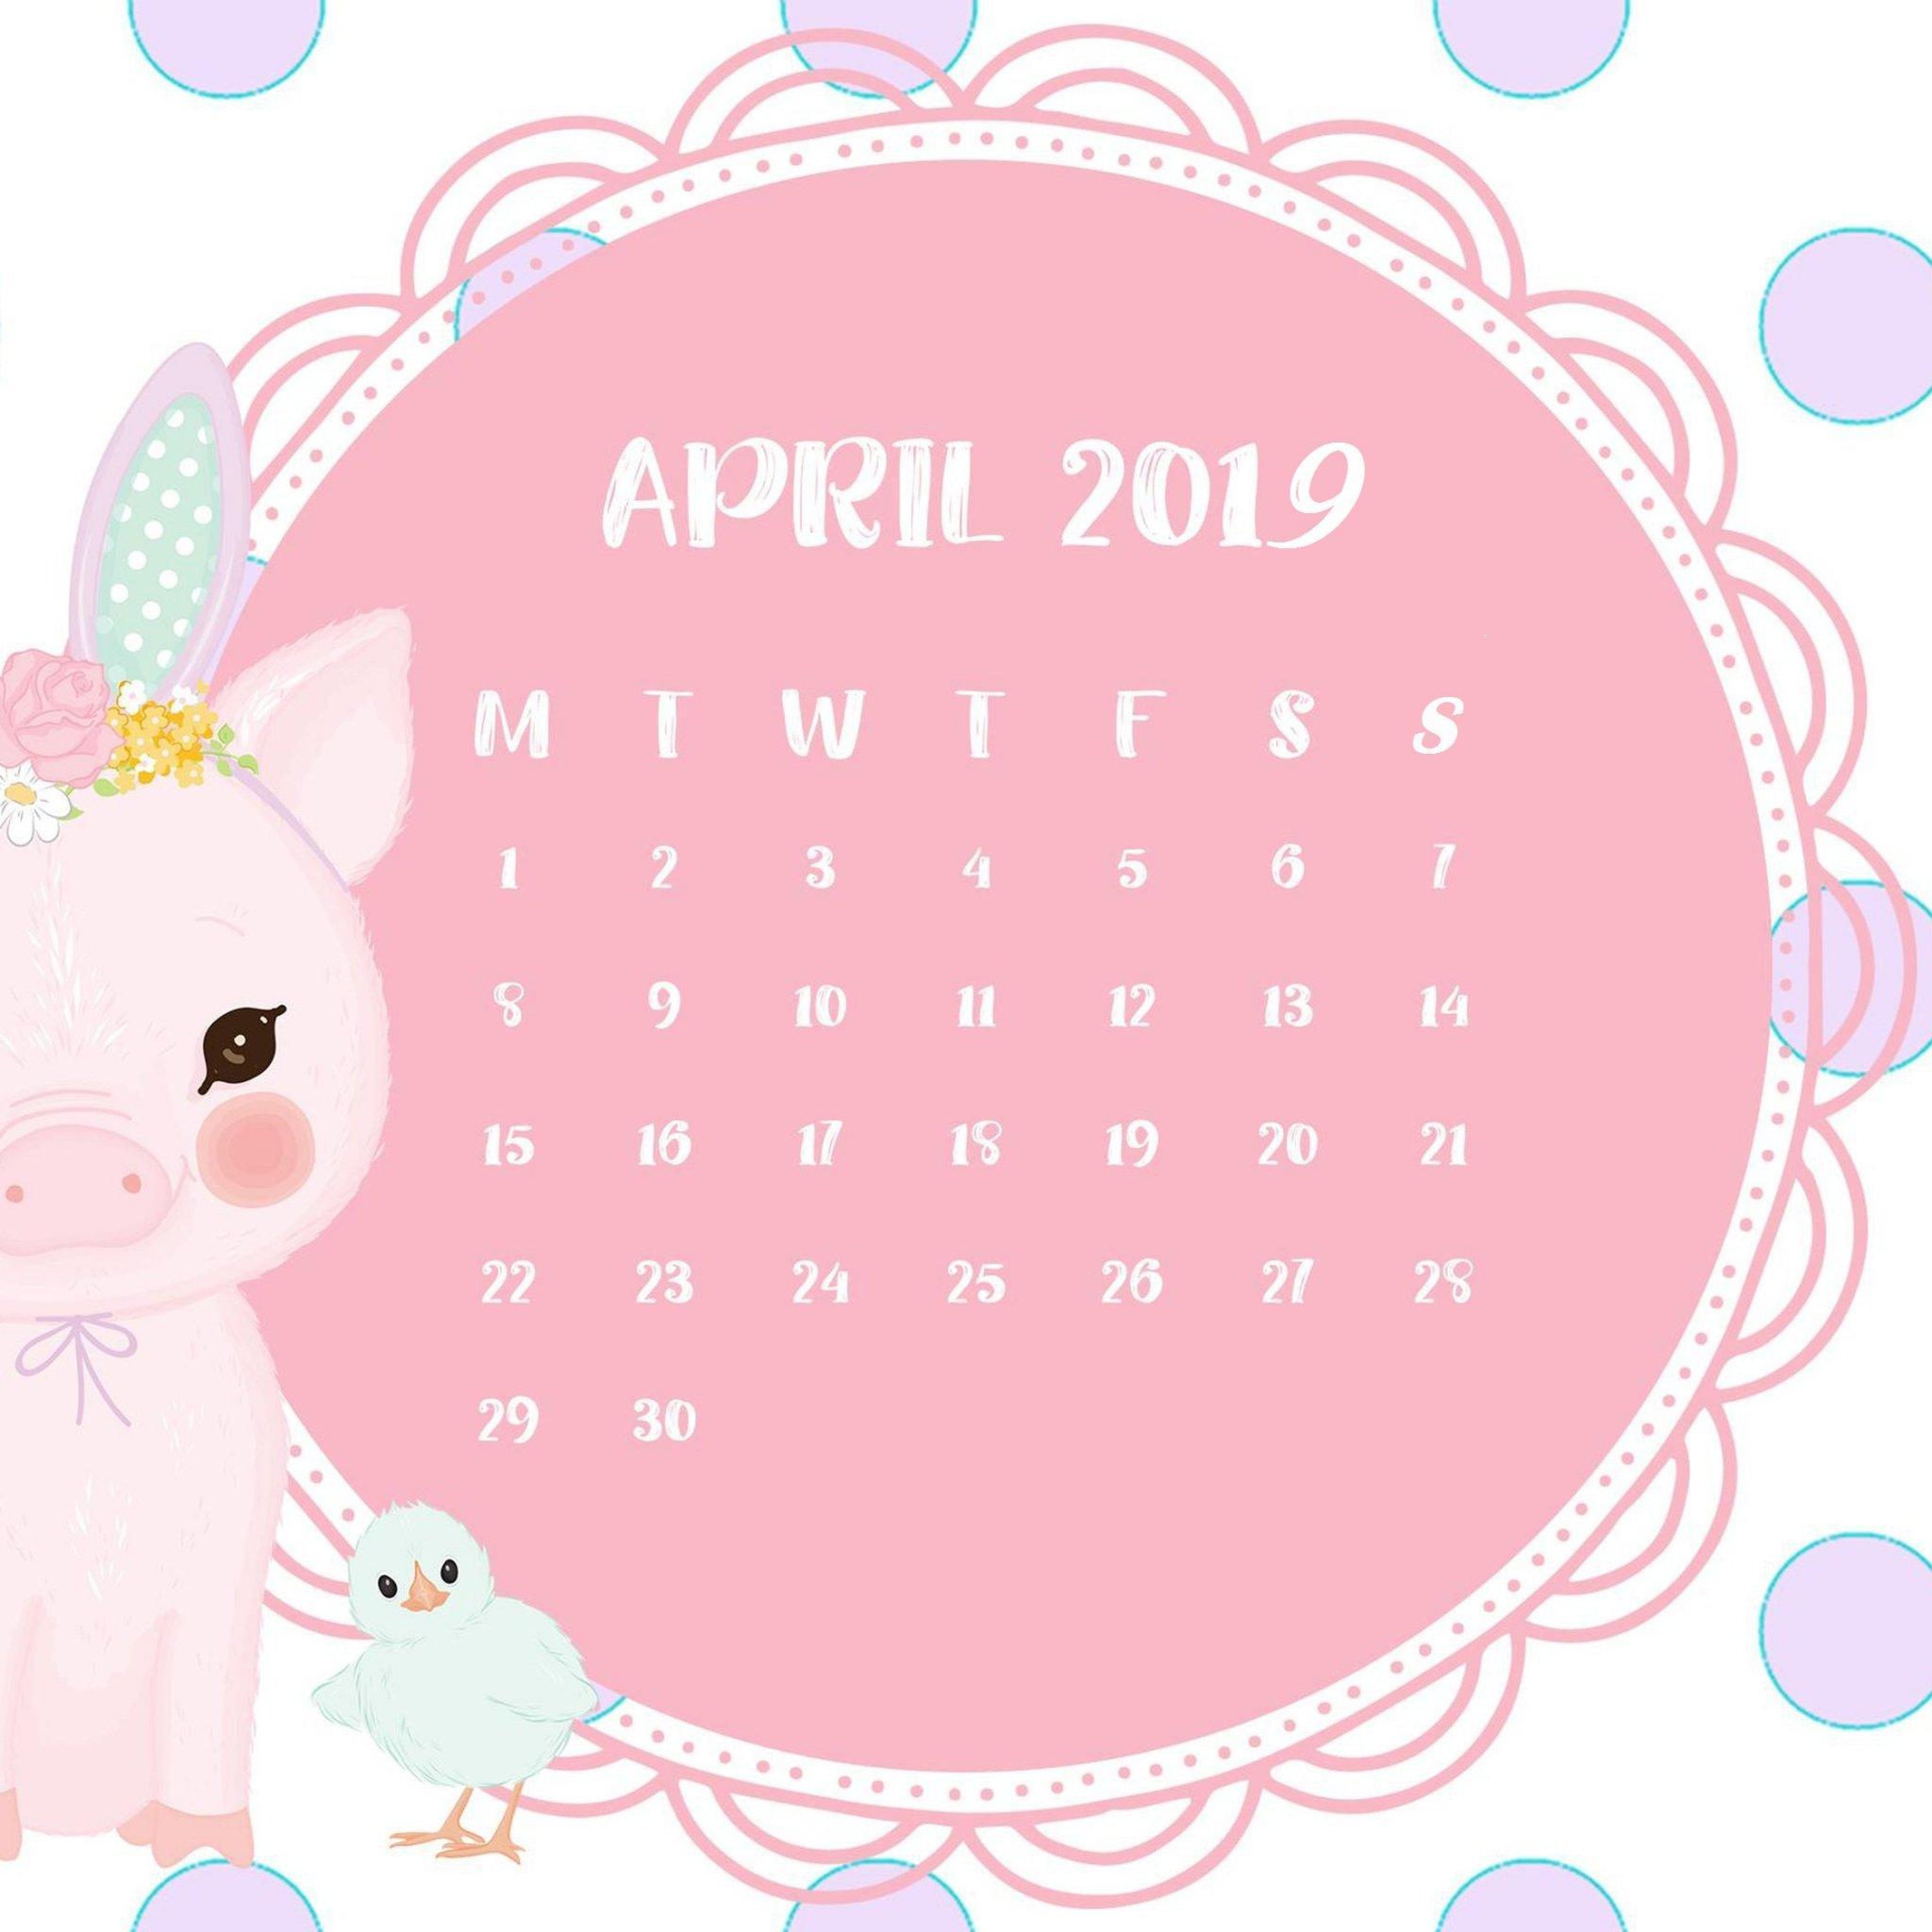 April 2019 Calendar Wallpapers Wallpaper Cave